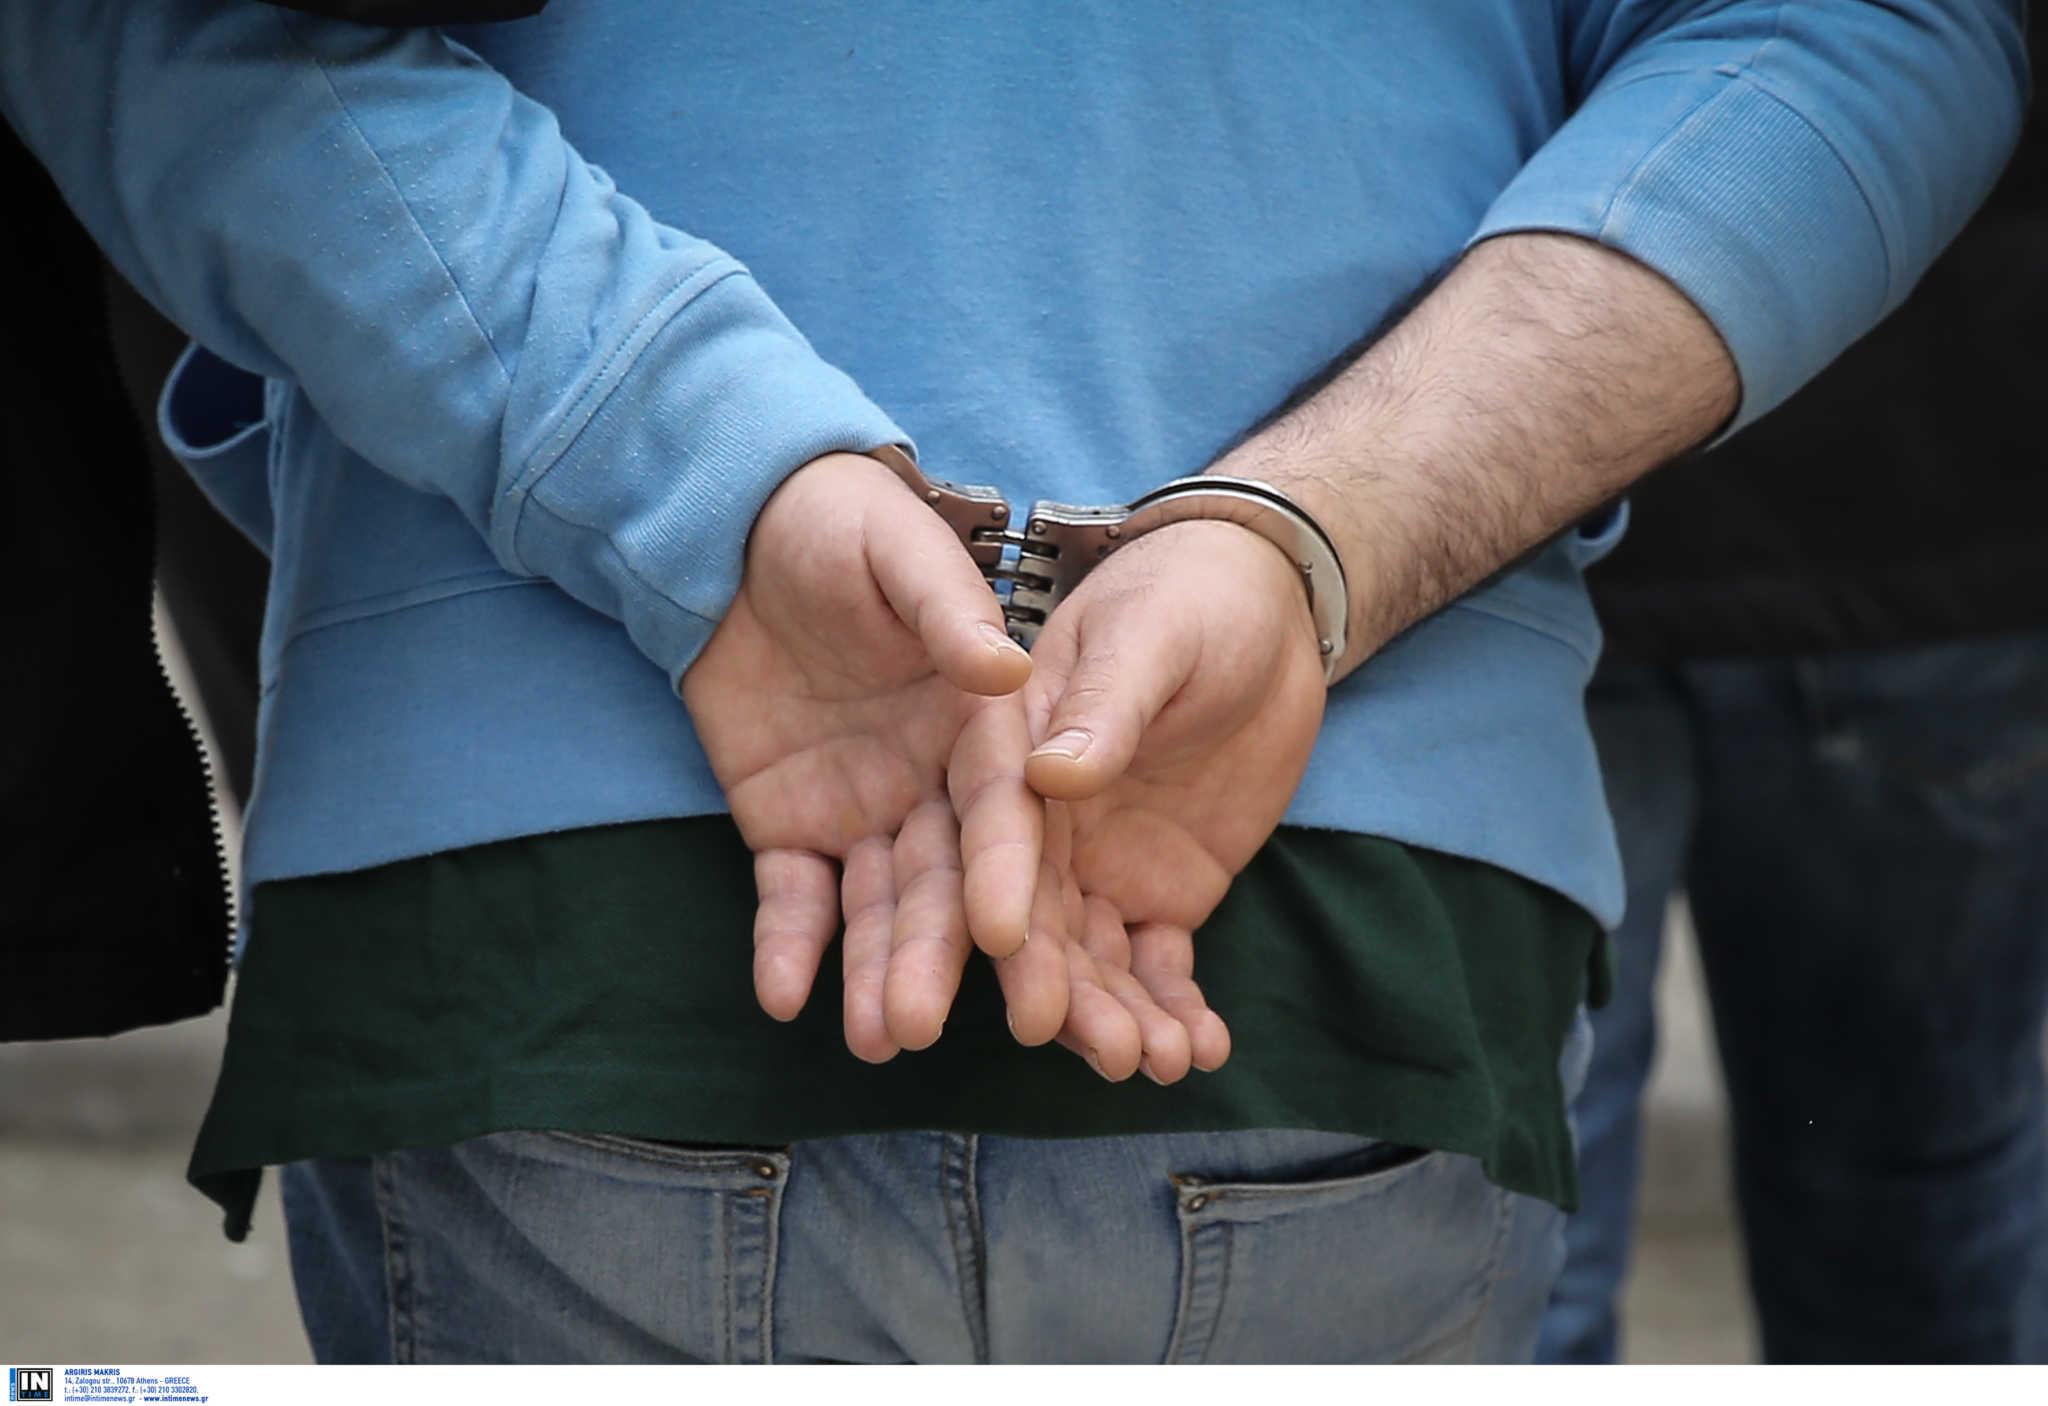 Θεσσαλονίκη: Αστυνομικός εκτός υπηρεσίας συνέλαβε τσαντάκια – Η μοιραία κίνηση και η καταδίωξη